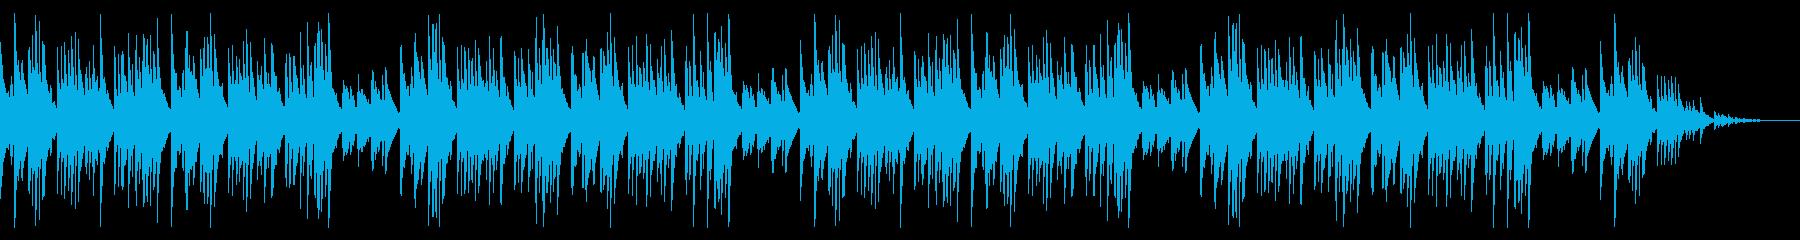 童謡「桃太郎」シンプルな琴のアレンジの再生済みの波形